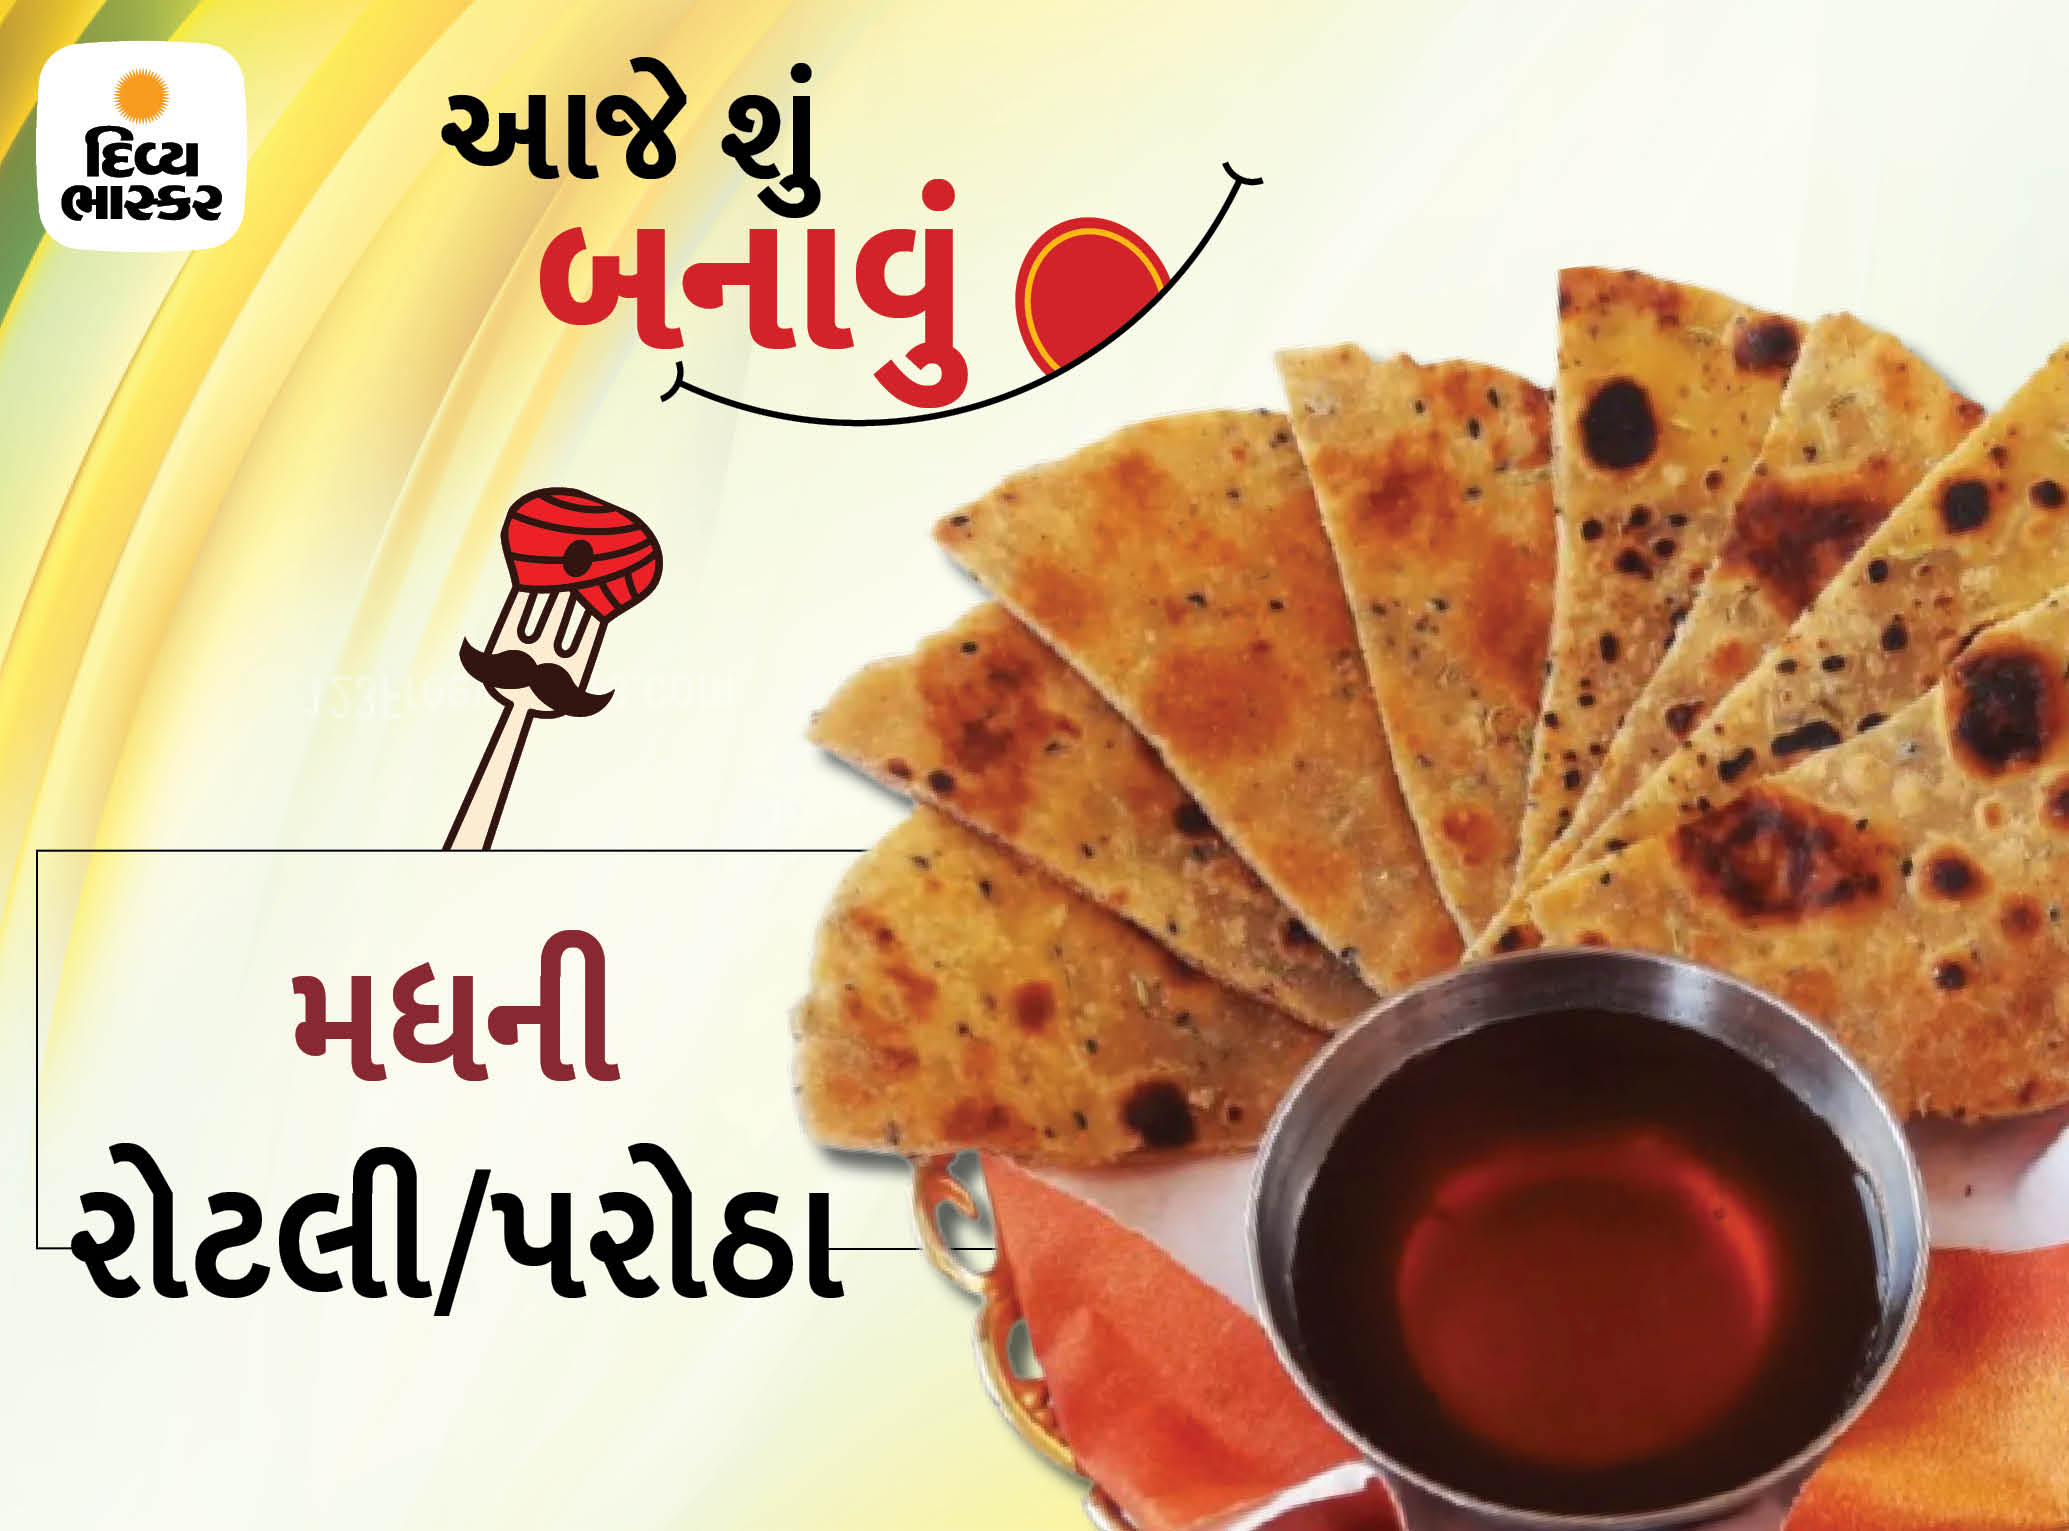 હેલ્ધી અને ટેસ્ટી મધની રોટલી/પરોઠા, માત્ર 20 મિનિટમાં તૈયાર થઈ જશે|રેસીપી,Recipe - Divya Bhaskar